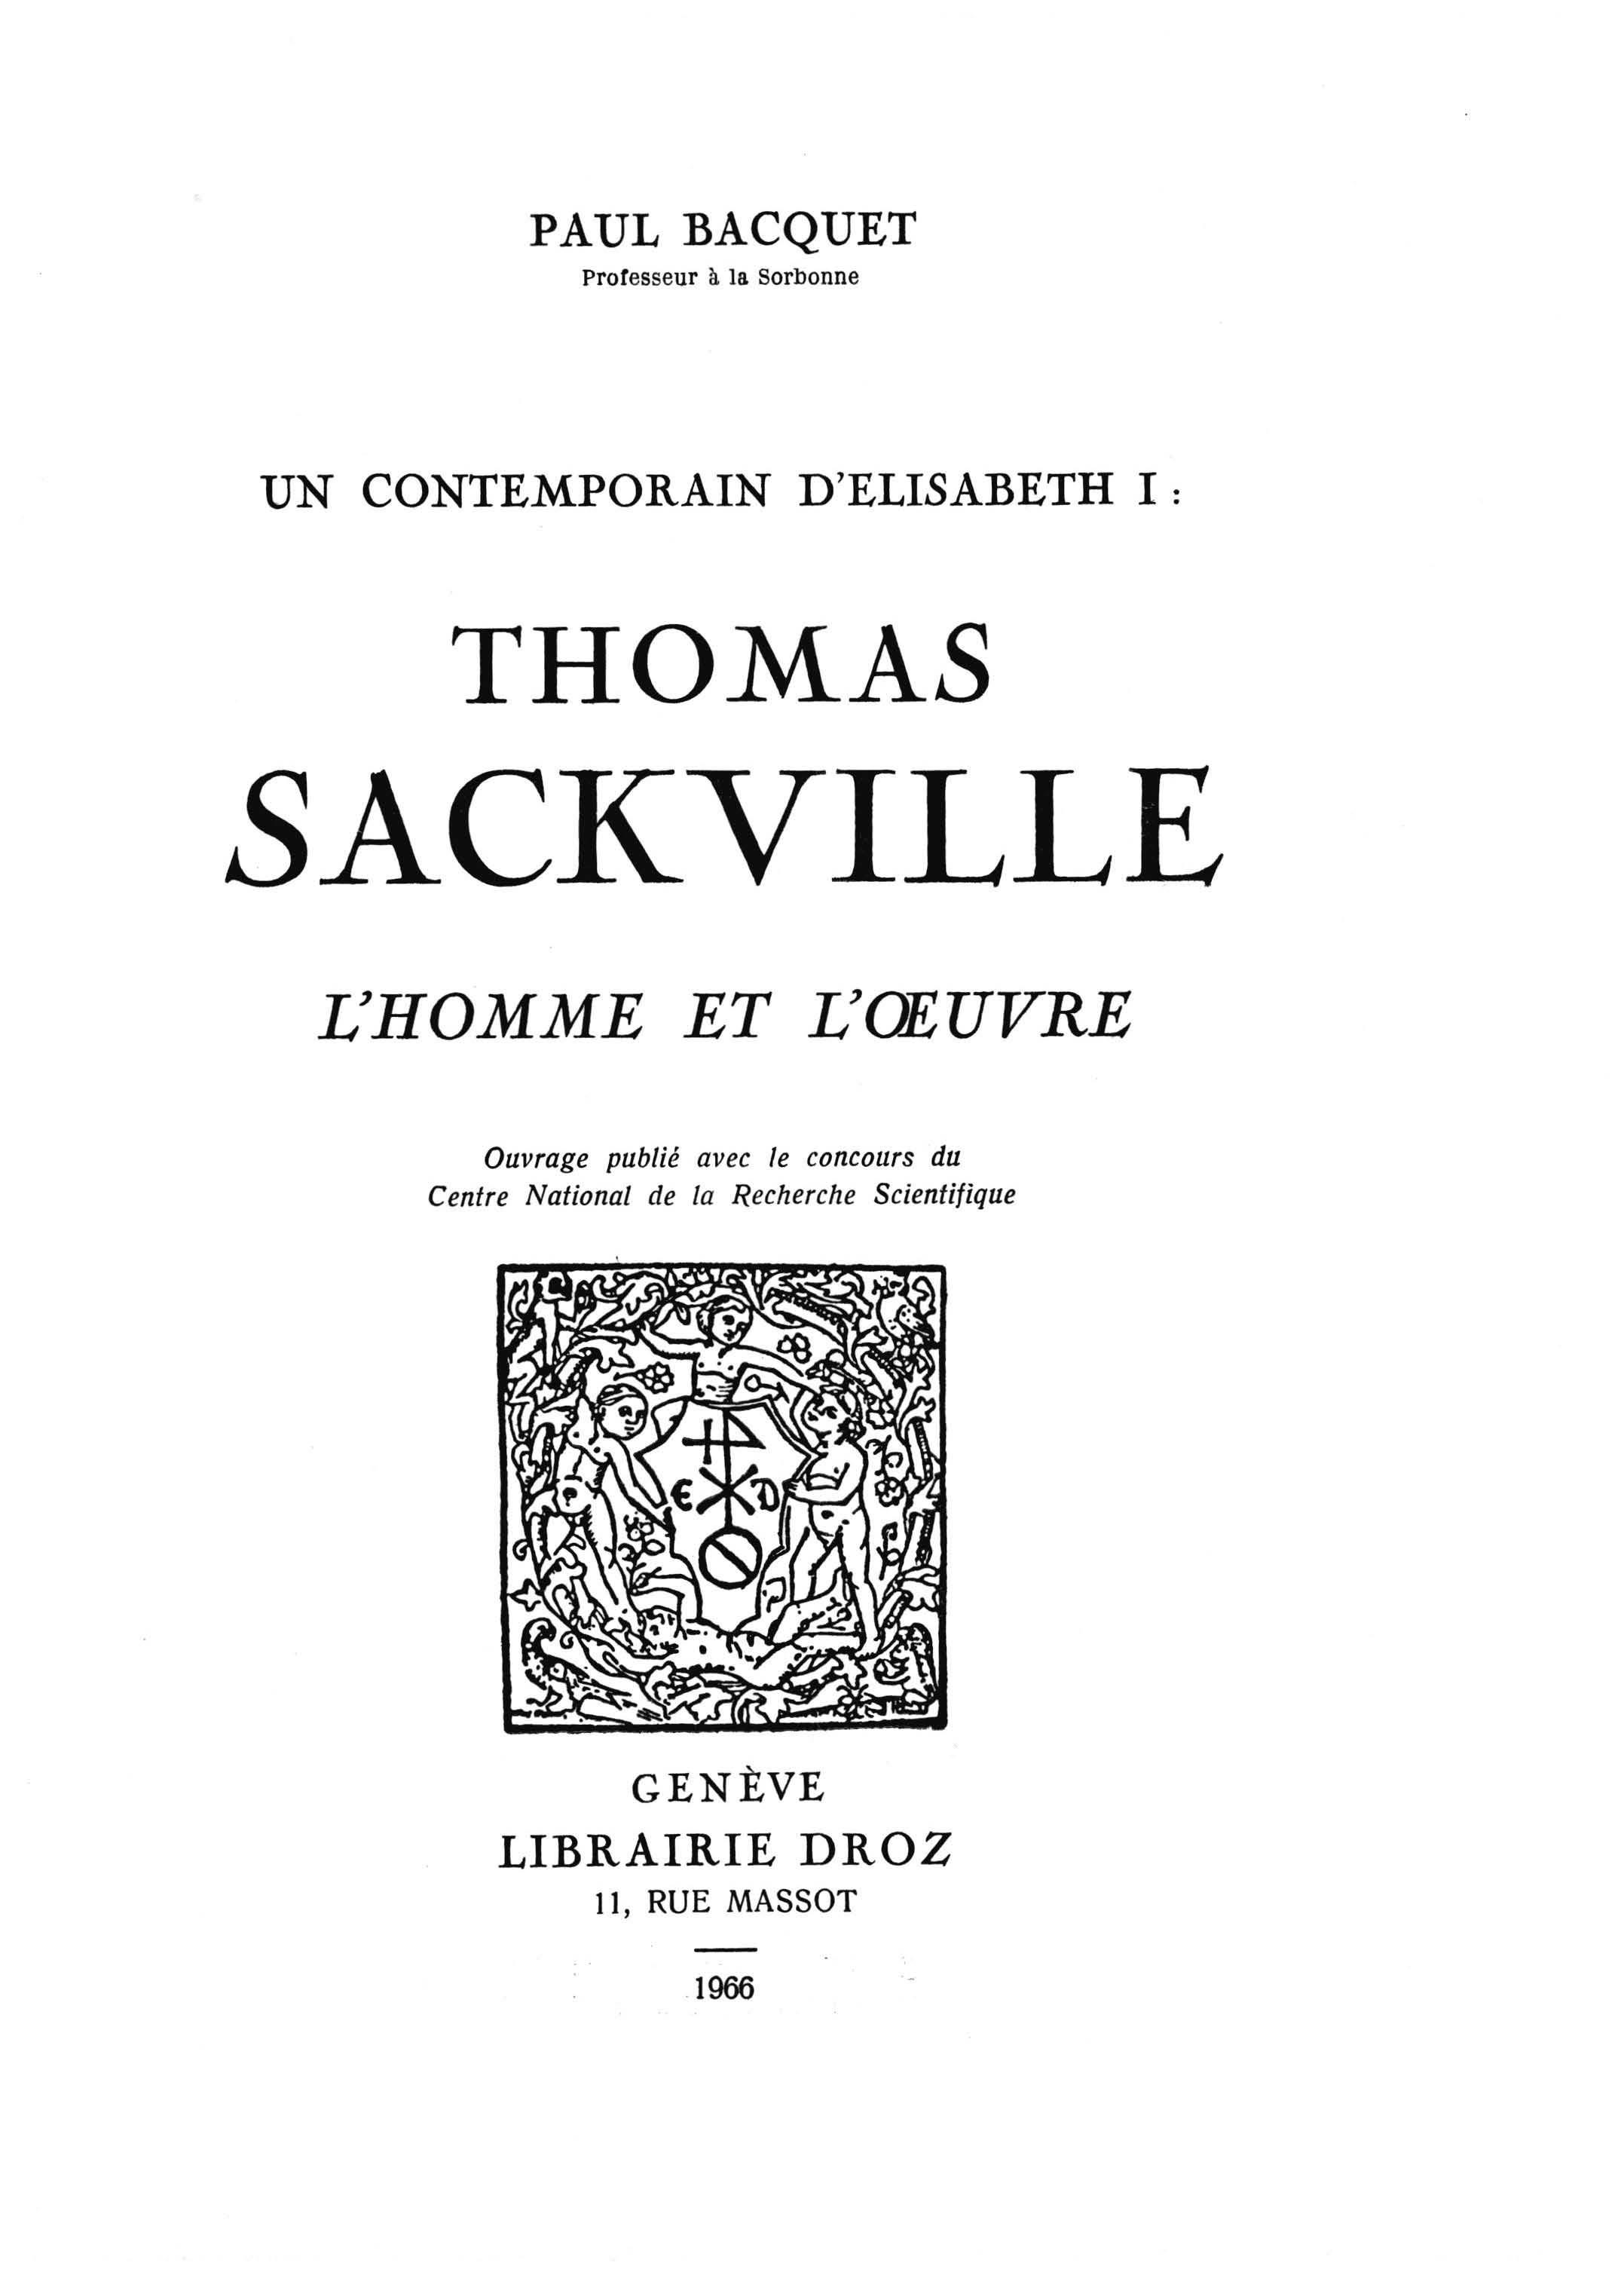 Un contemporain d'elisabet 1 :  thomas sackville, l'homme et l'oeuvre